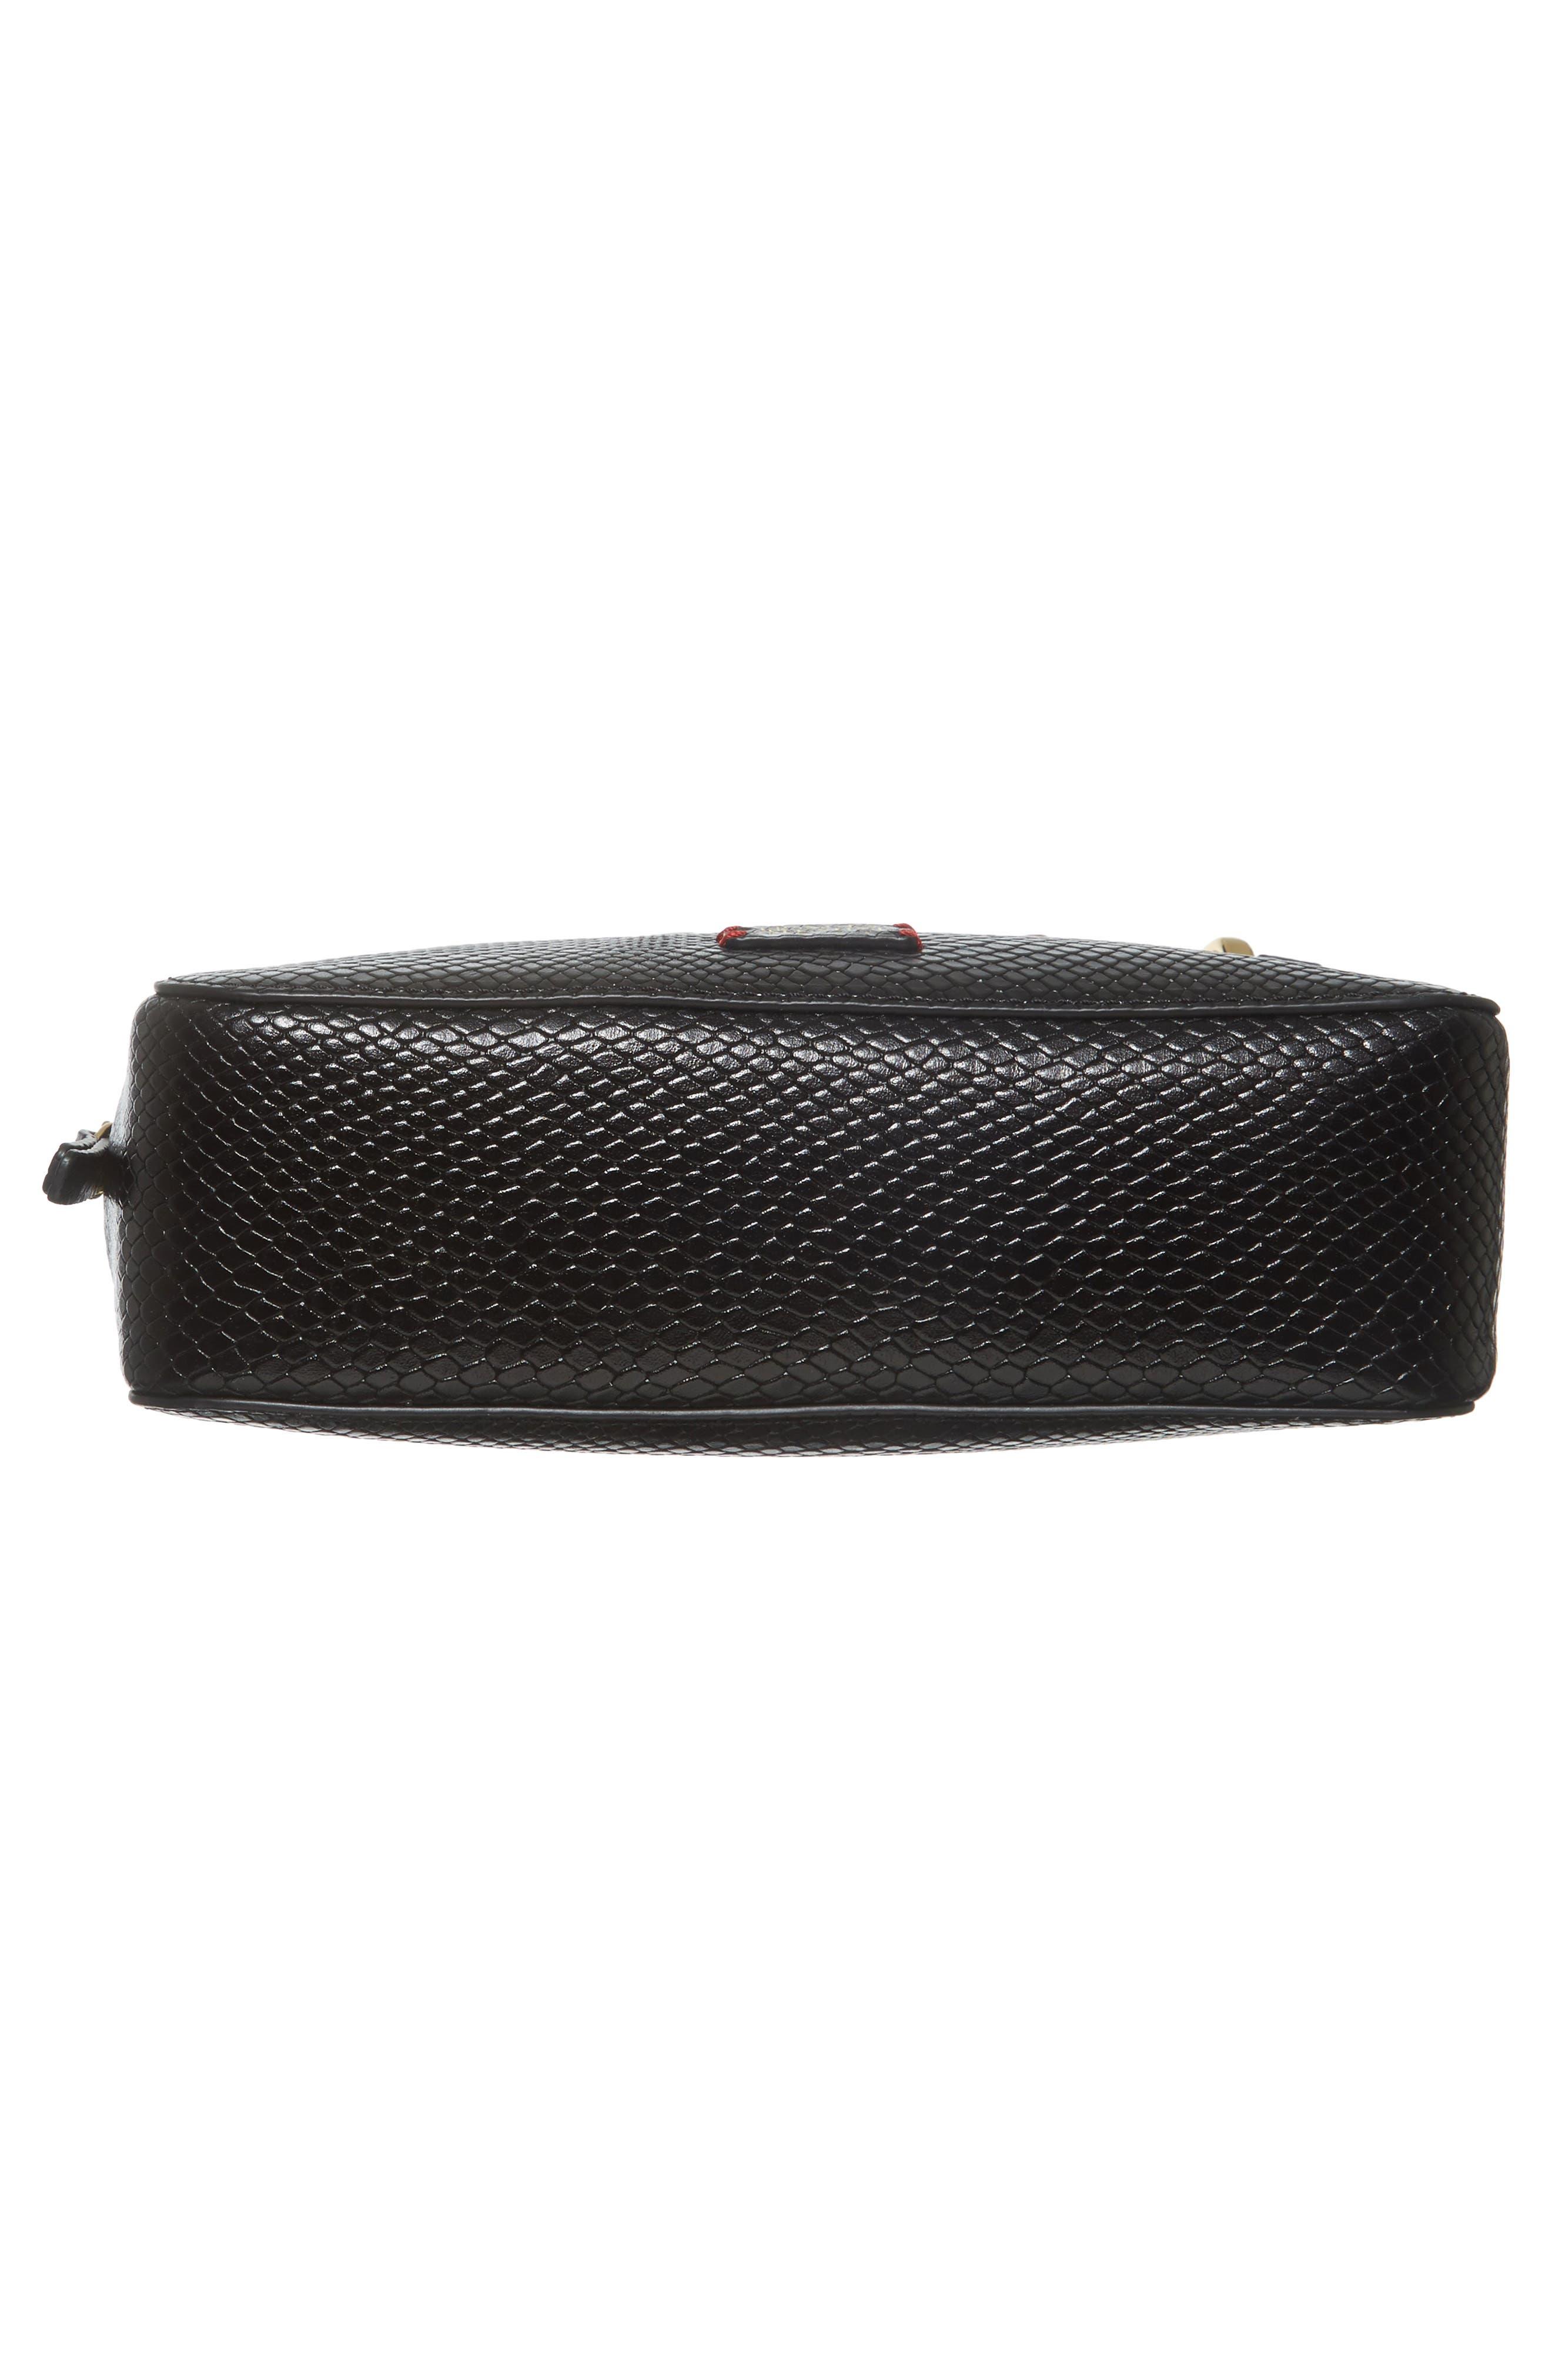 Snakeskin Embossed Leather Crossbody Bag,                             Alternate thumbnail 5, color,                             Black